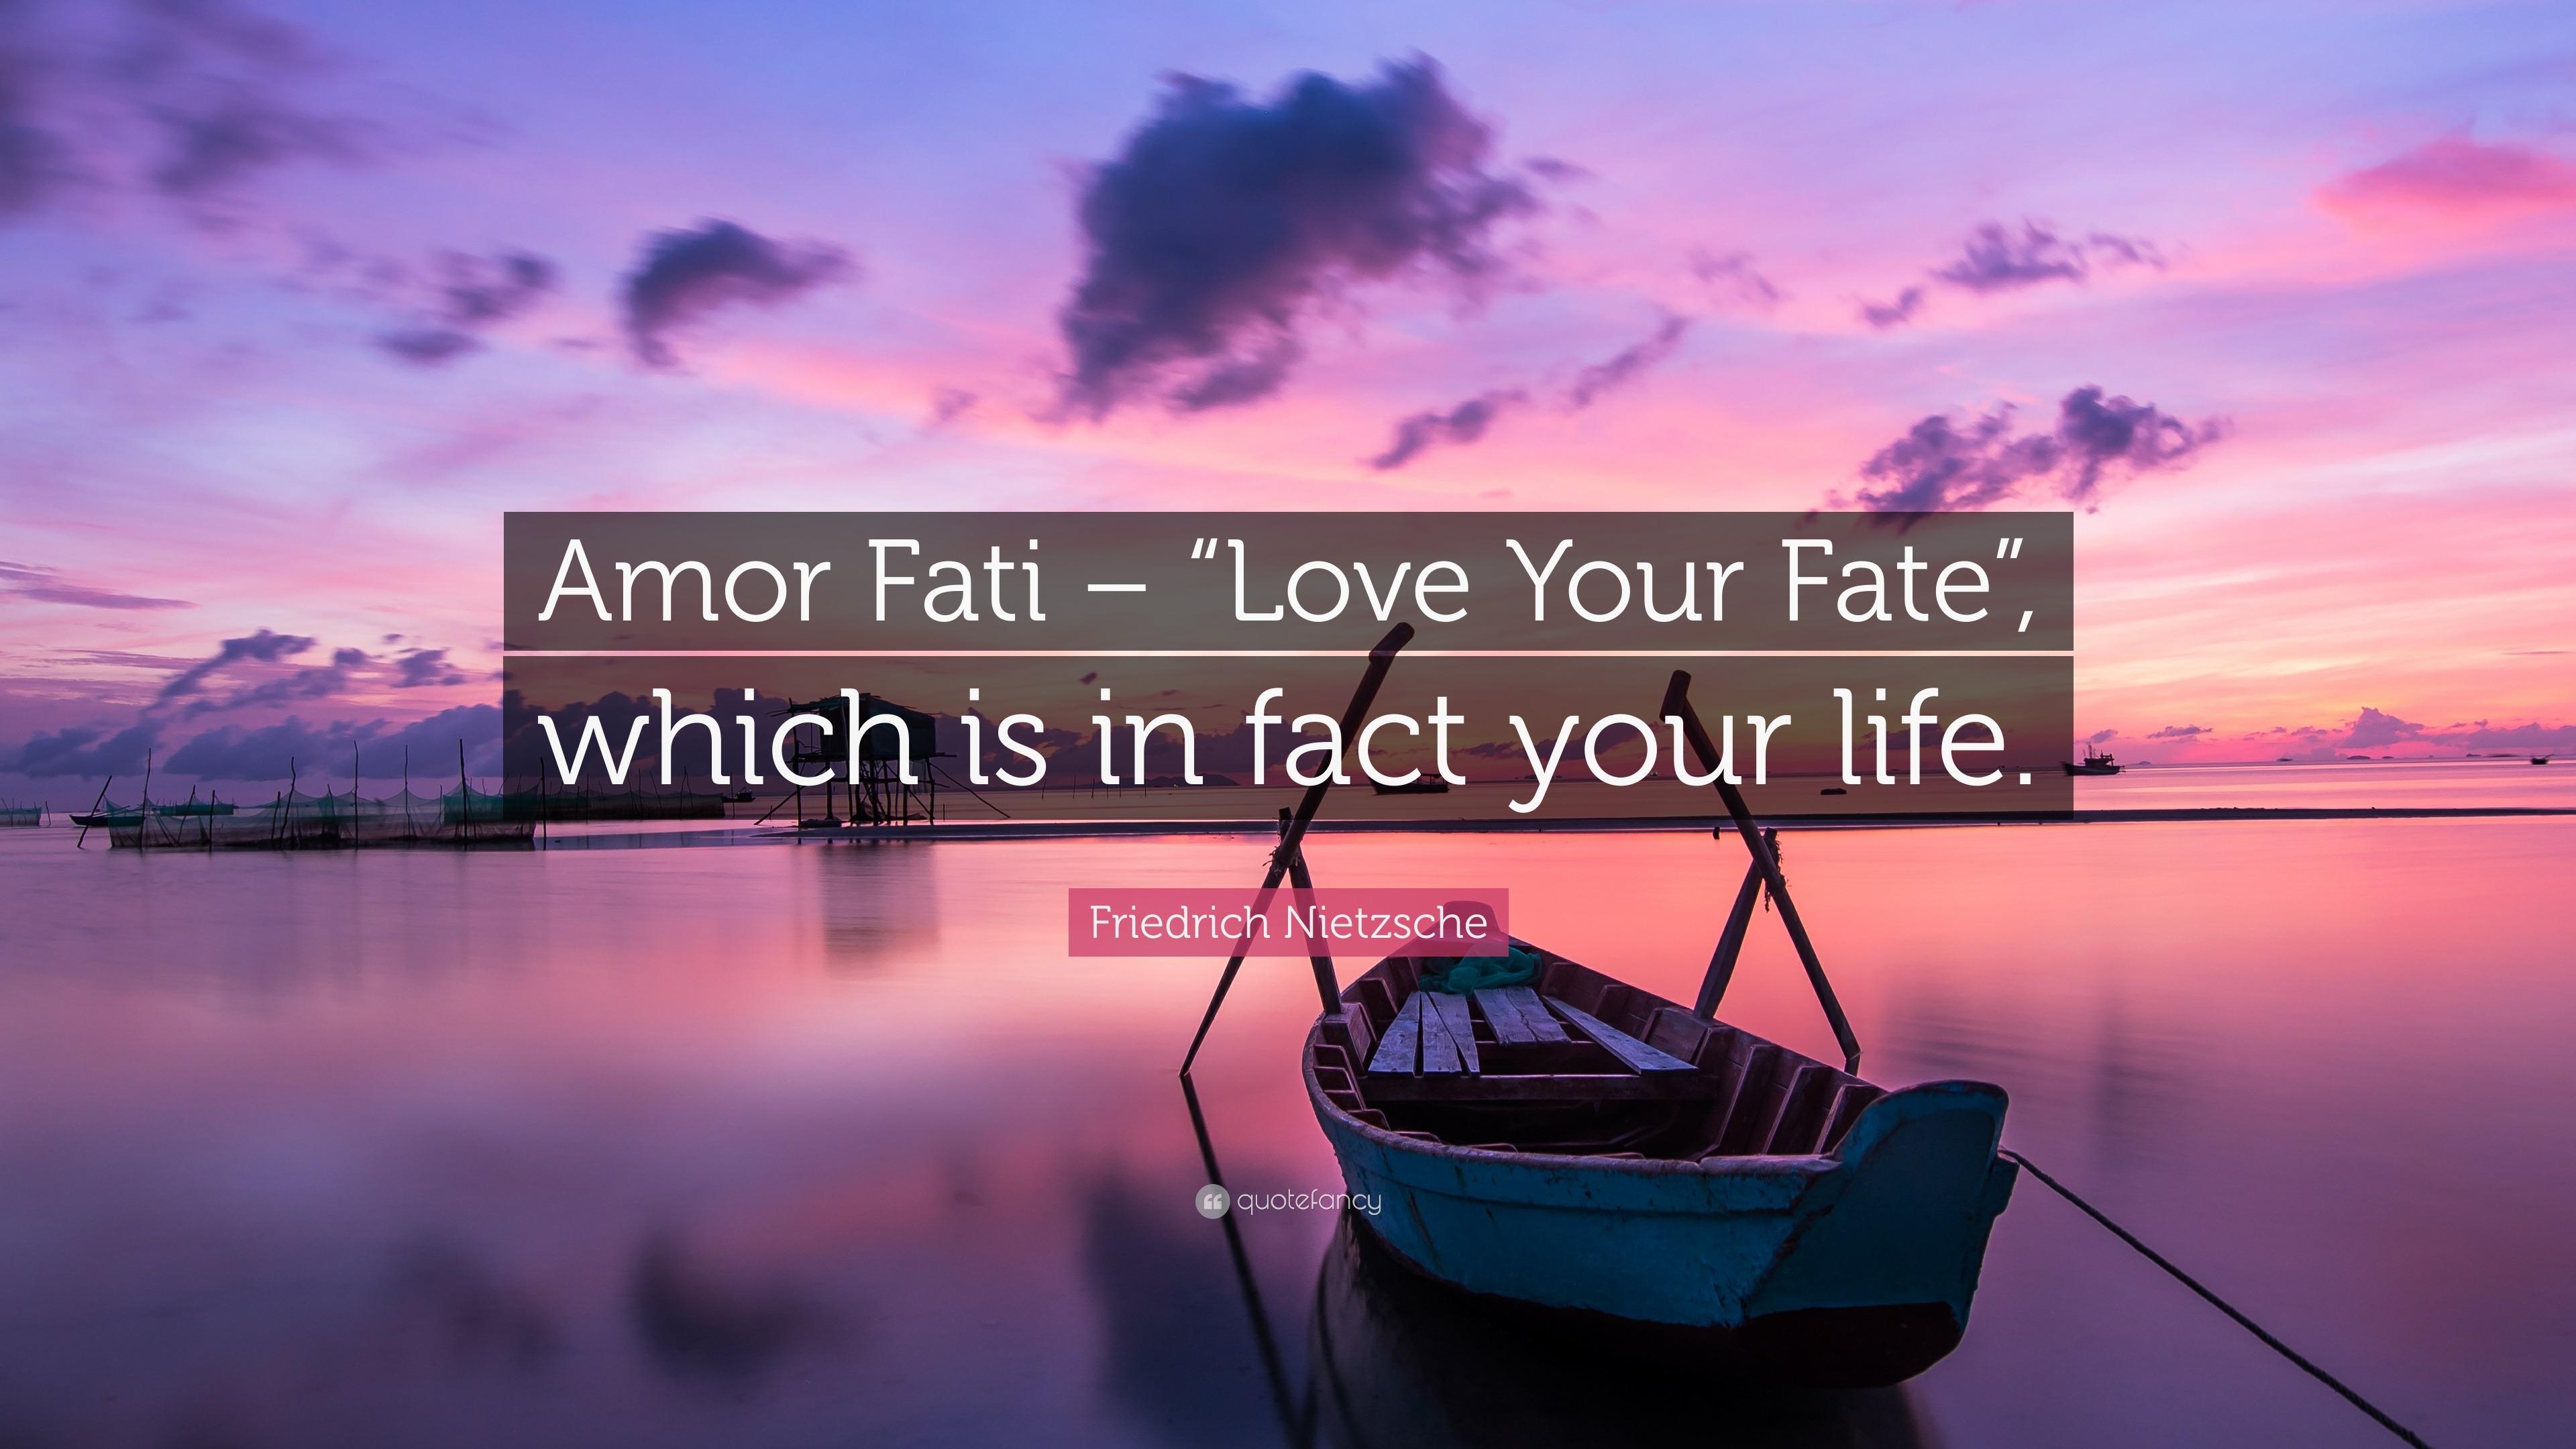 Amor Fati Quotes